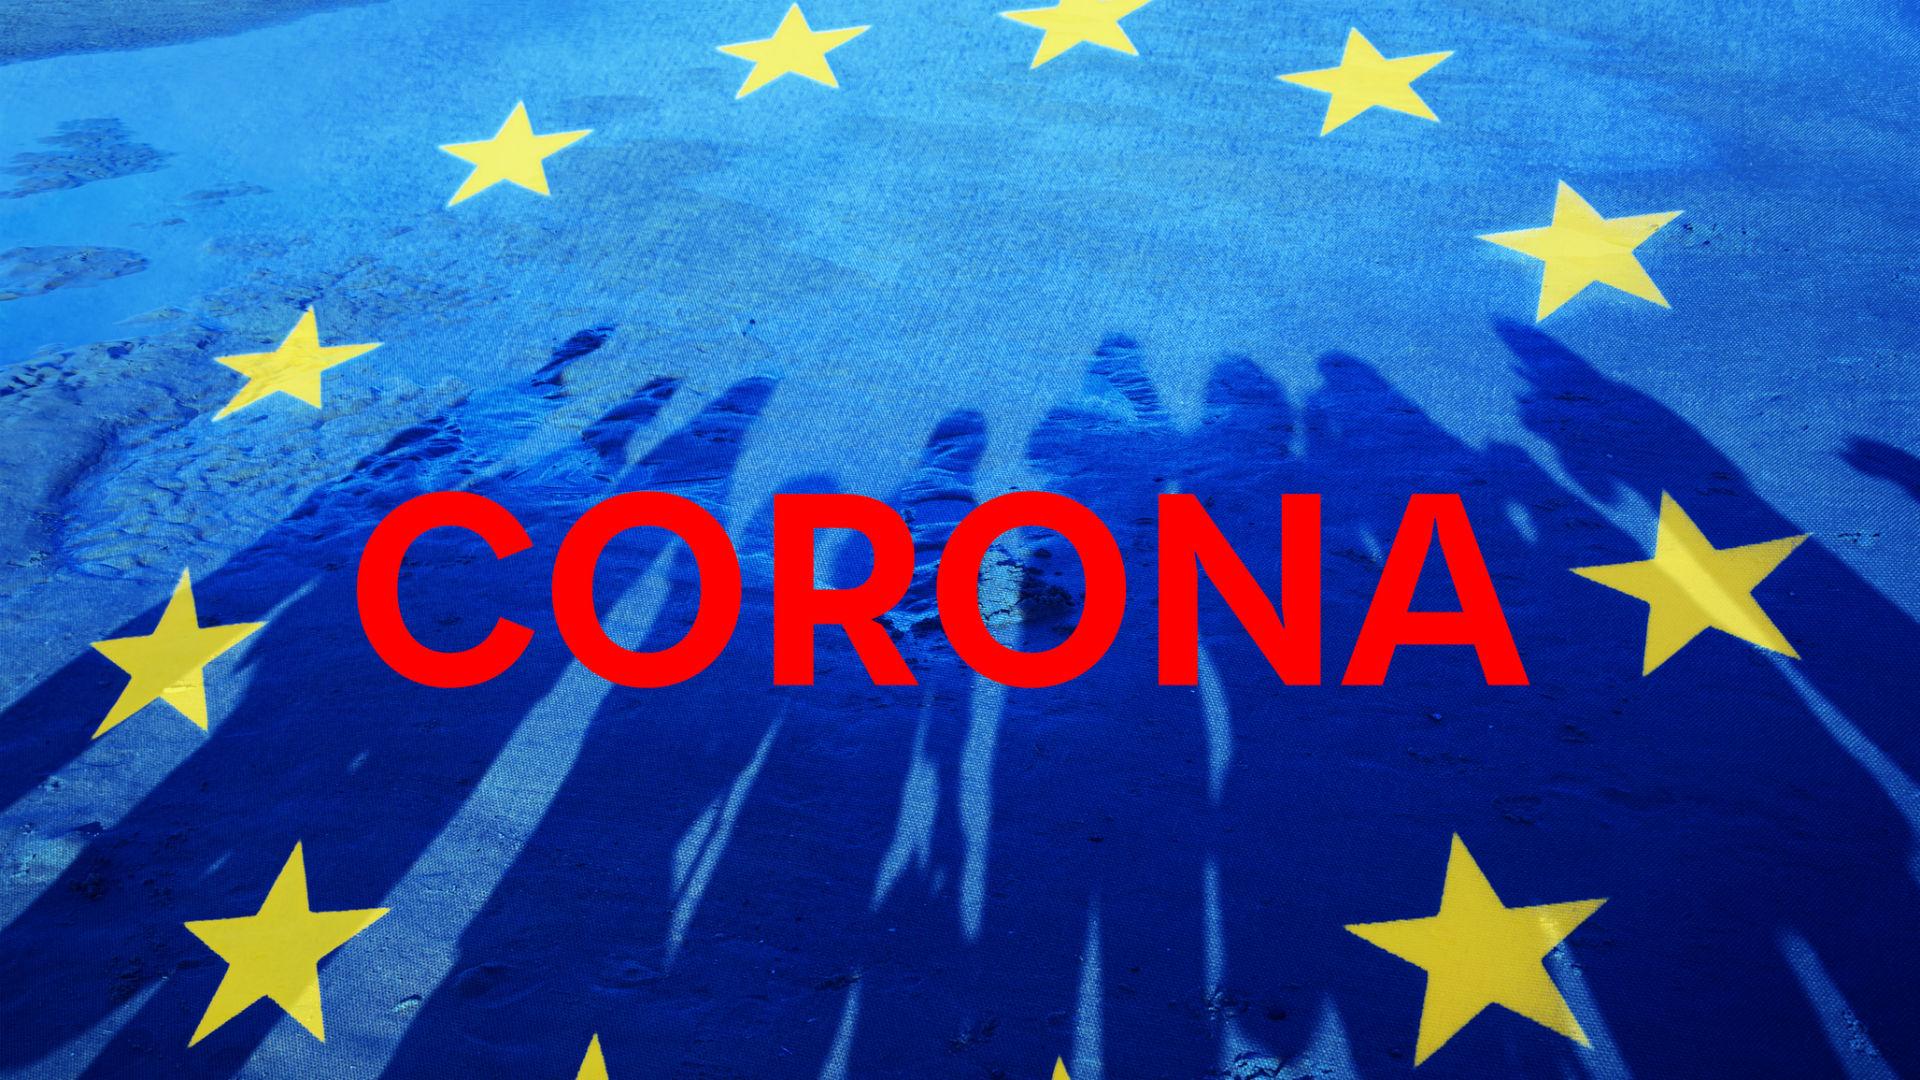 La cultura, la carta de la UE para superar el Covid 19